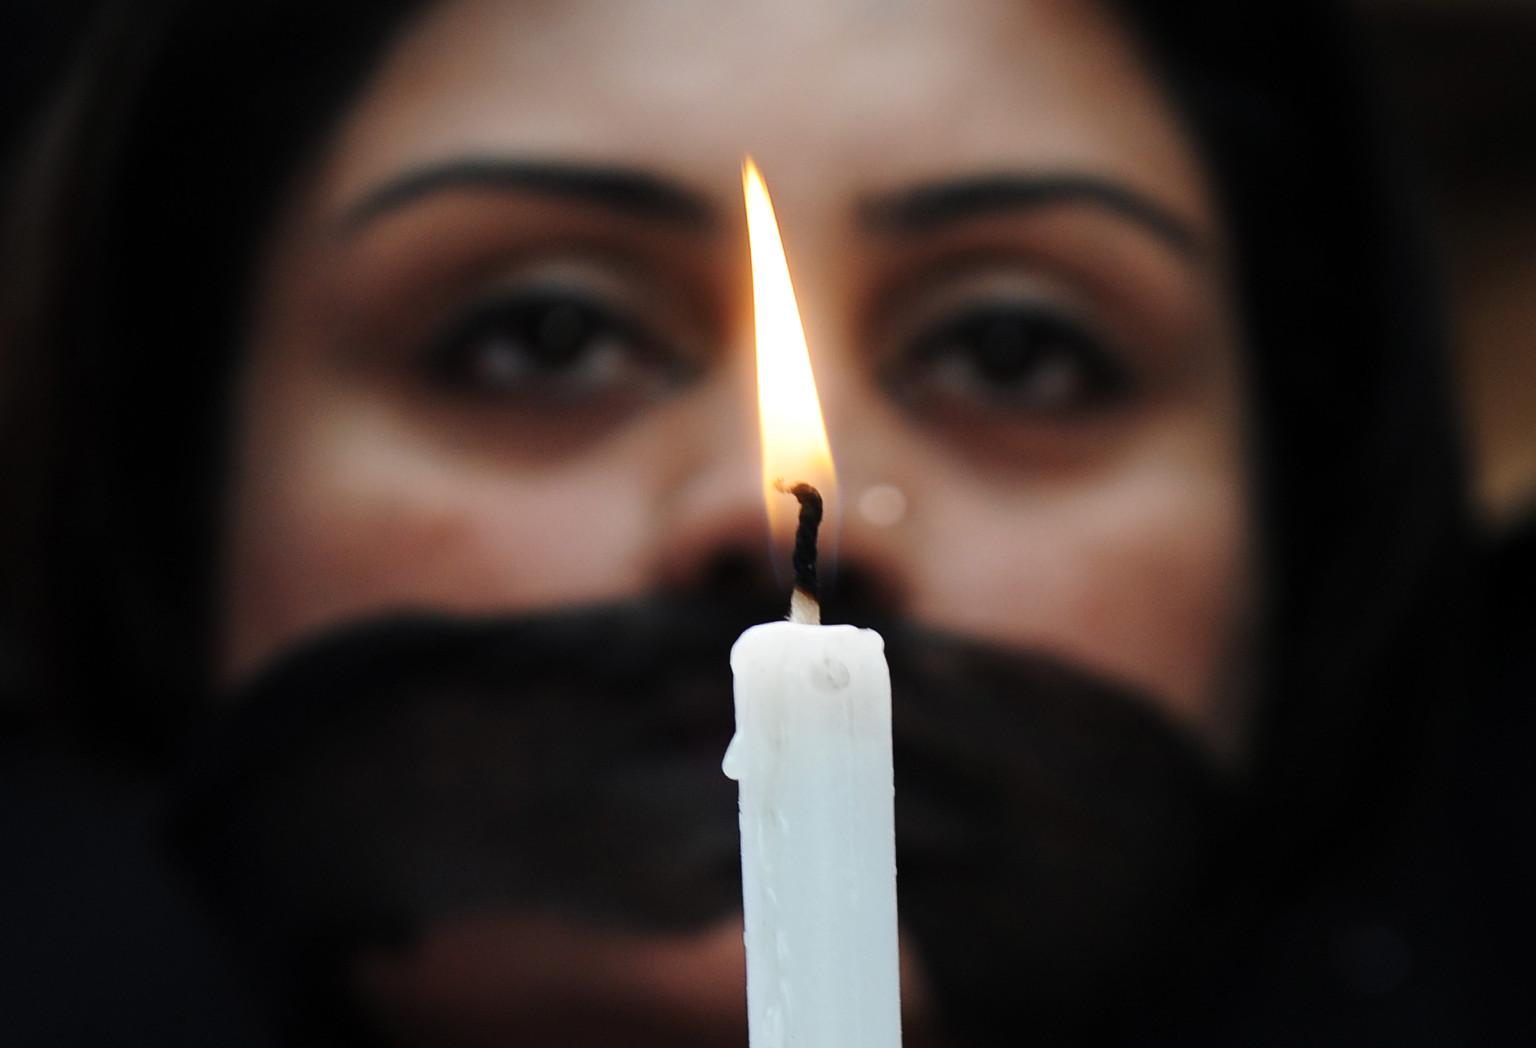 Women Molest In Up's Rampur - molestation -V2